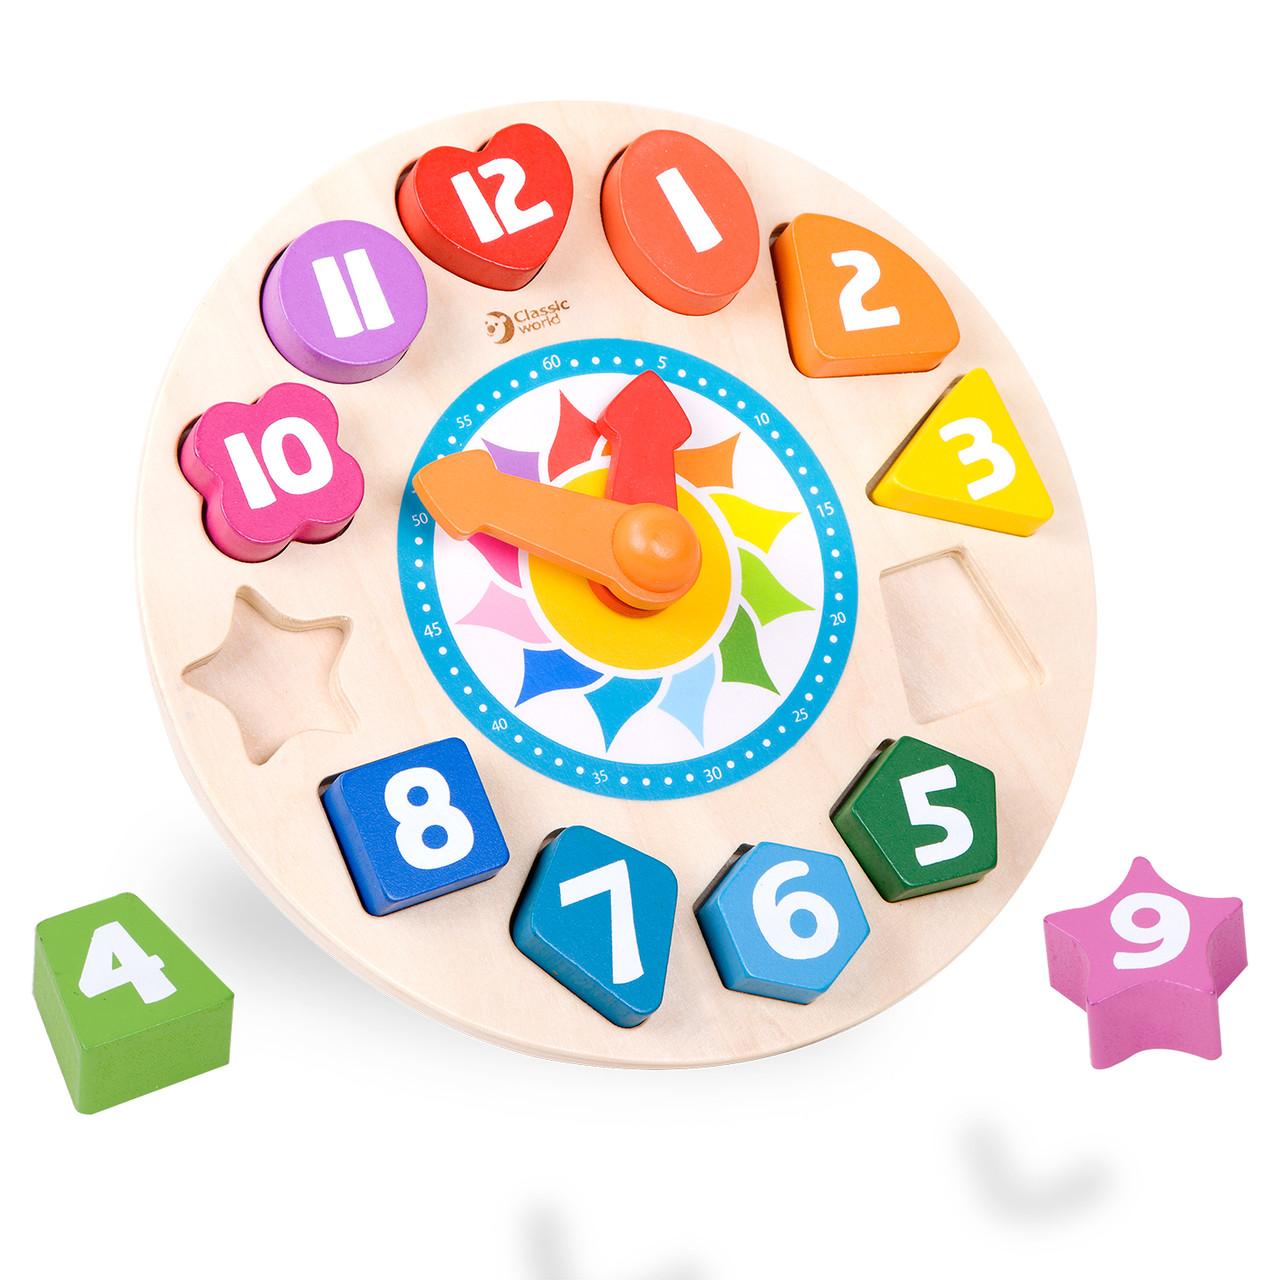 Wooden Tic Tac Clock